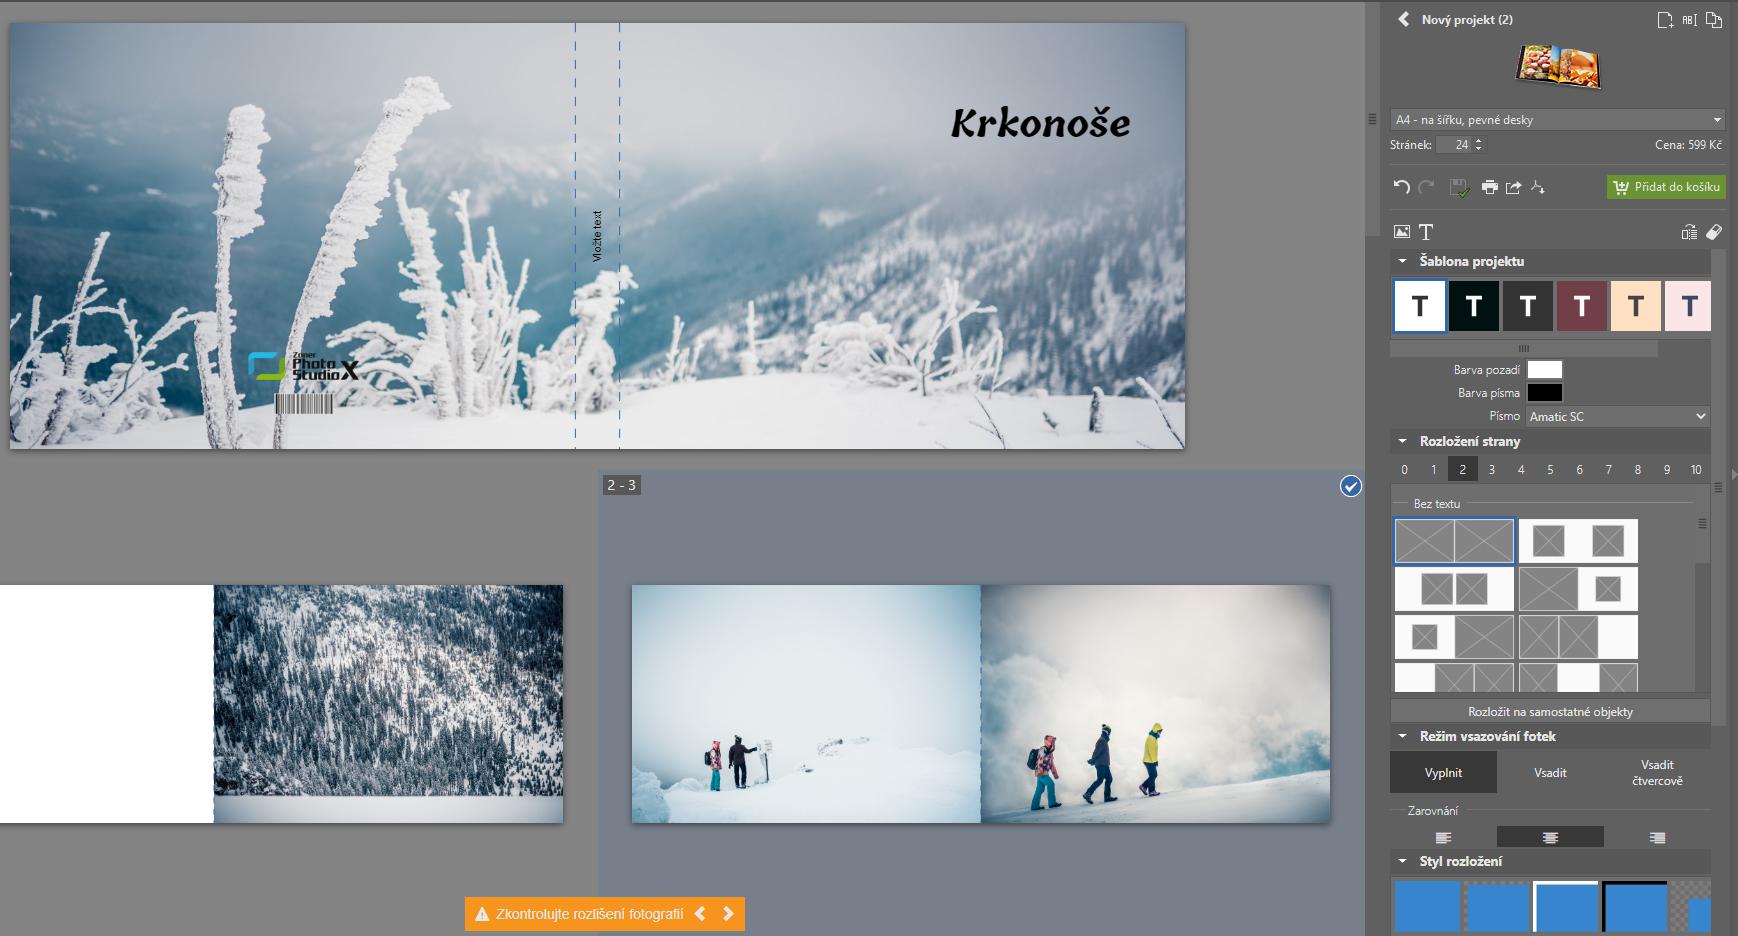 Jak z fotek vytvořit fotoknihu, kalendář, fotoobraz a další fotopředměty - fotokniha